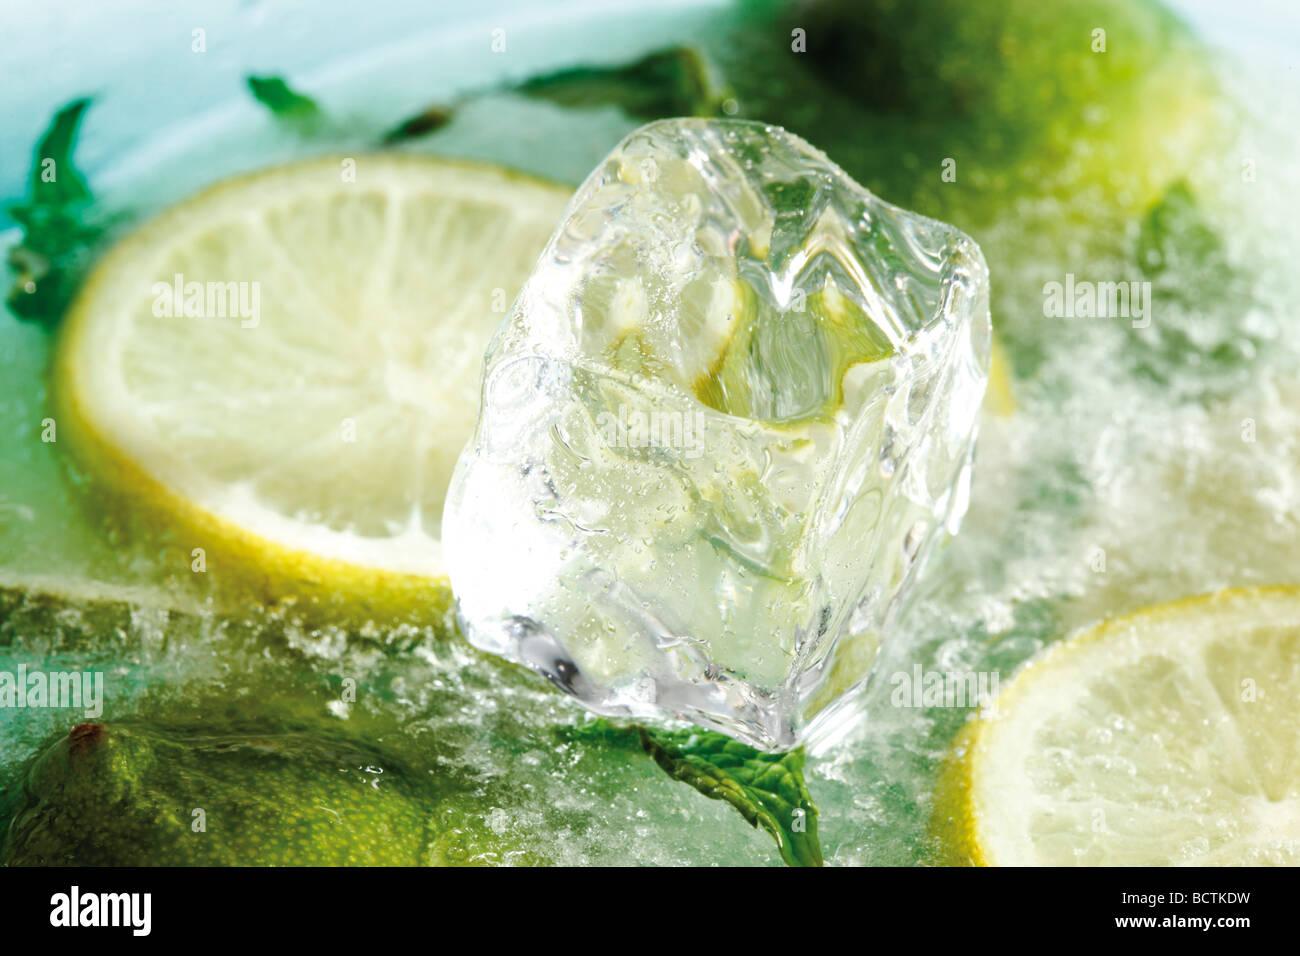 Congelate le fette di limone, fettine di lime e i cubetti di ghiaccio Immagini Stock